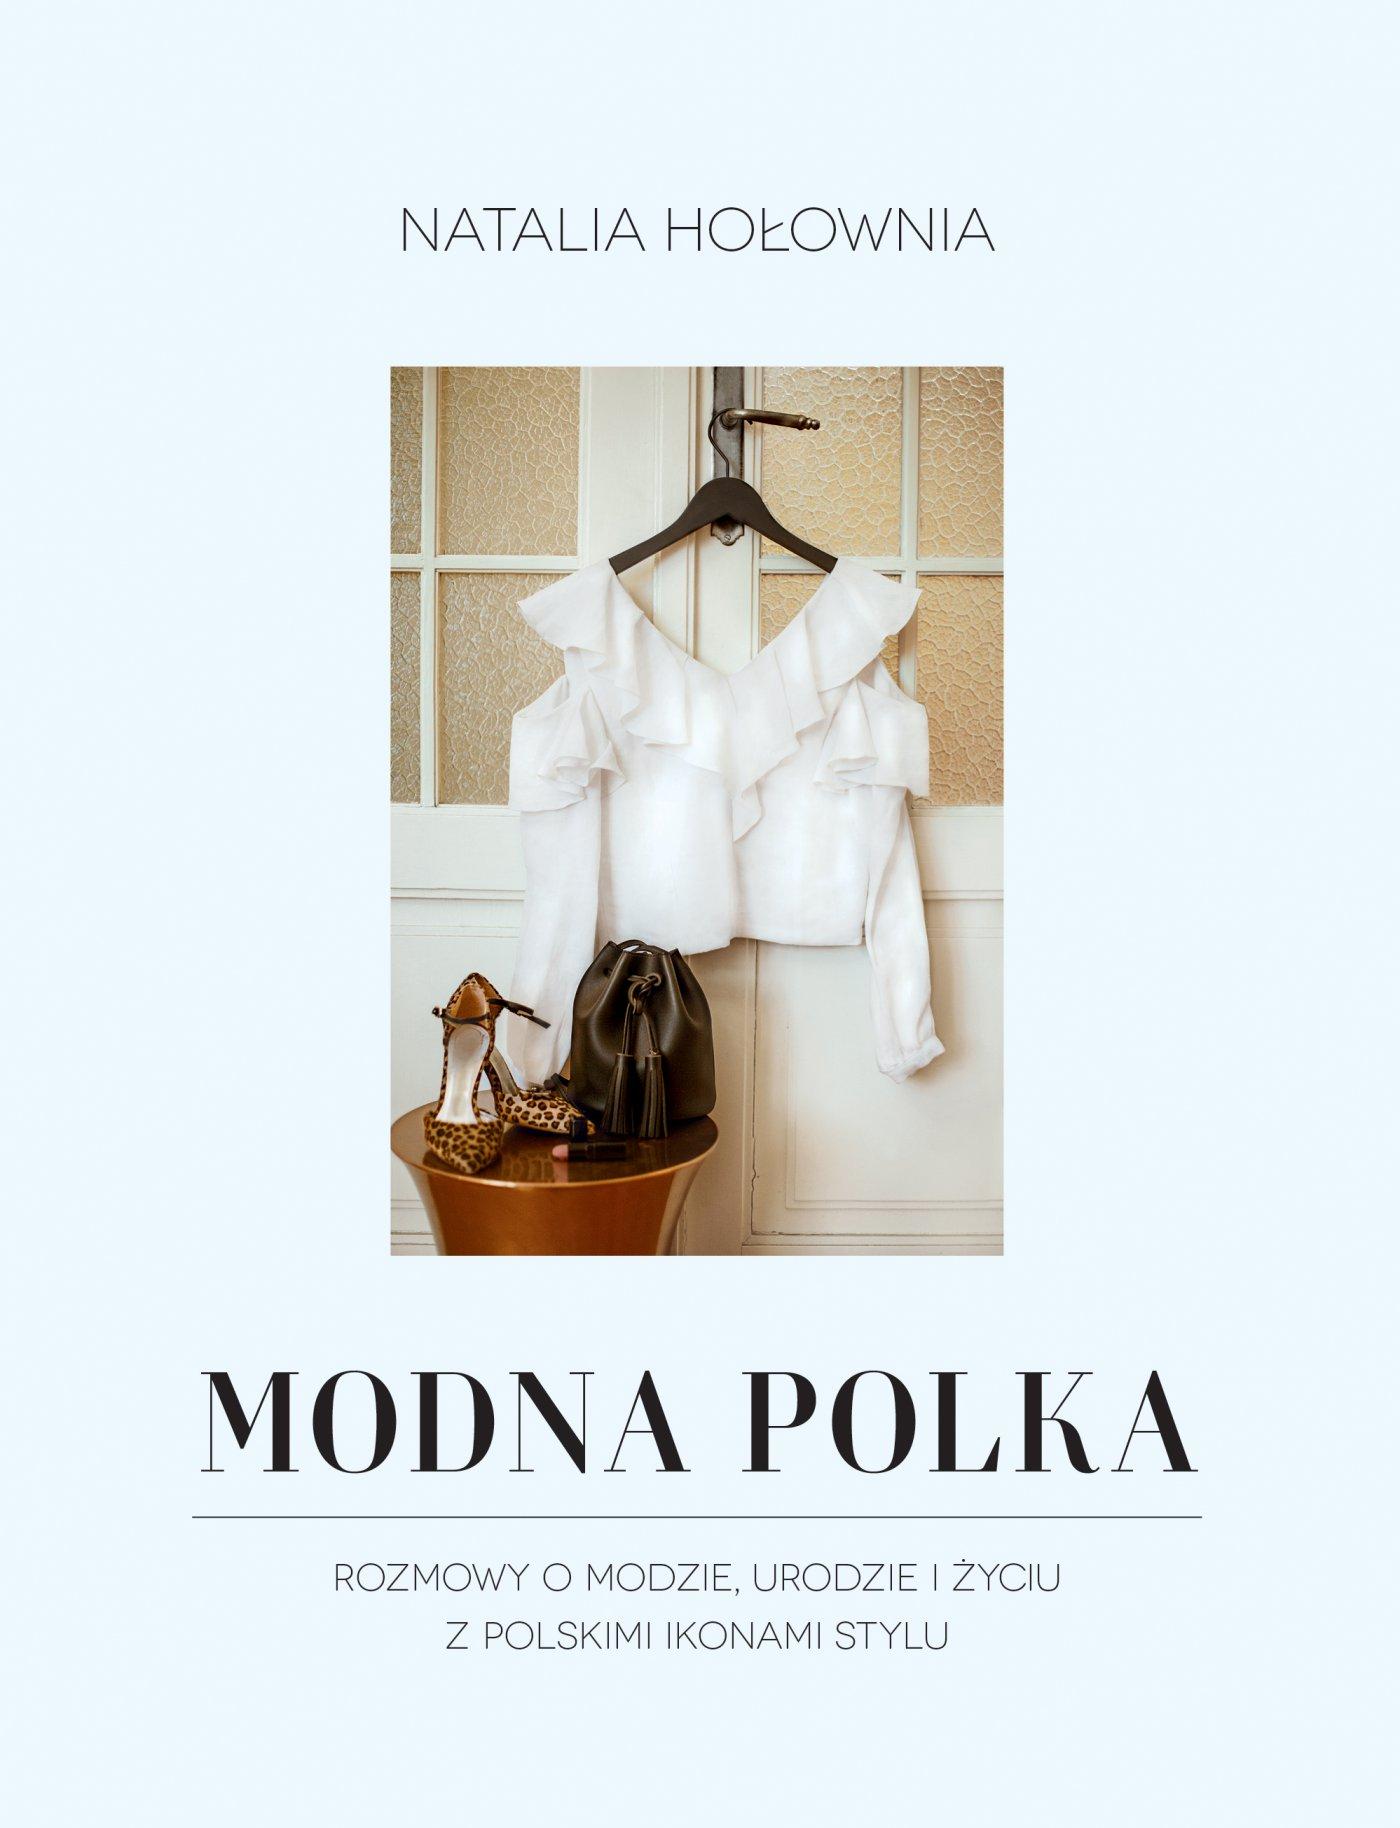 Modna Polka. Rozmowy o modzie, urodzie i życiu z polskimi ikonami stylu - Ebook (Książka EPUB) do pobrania w formacie EPUB